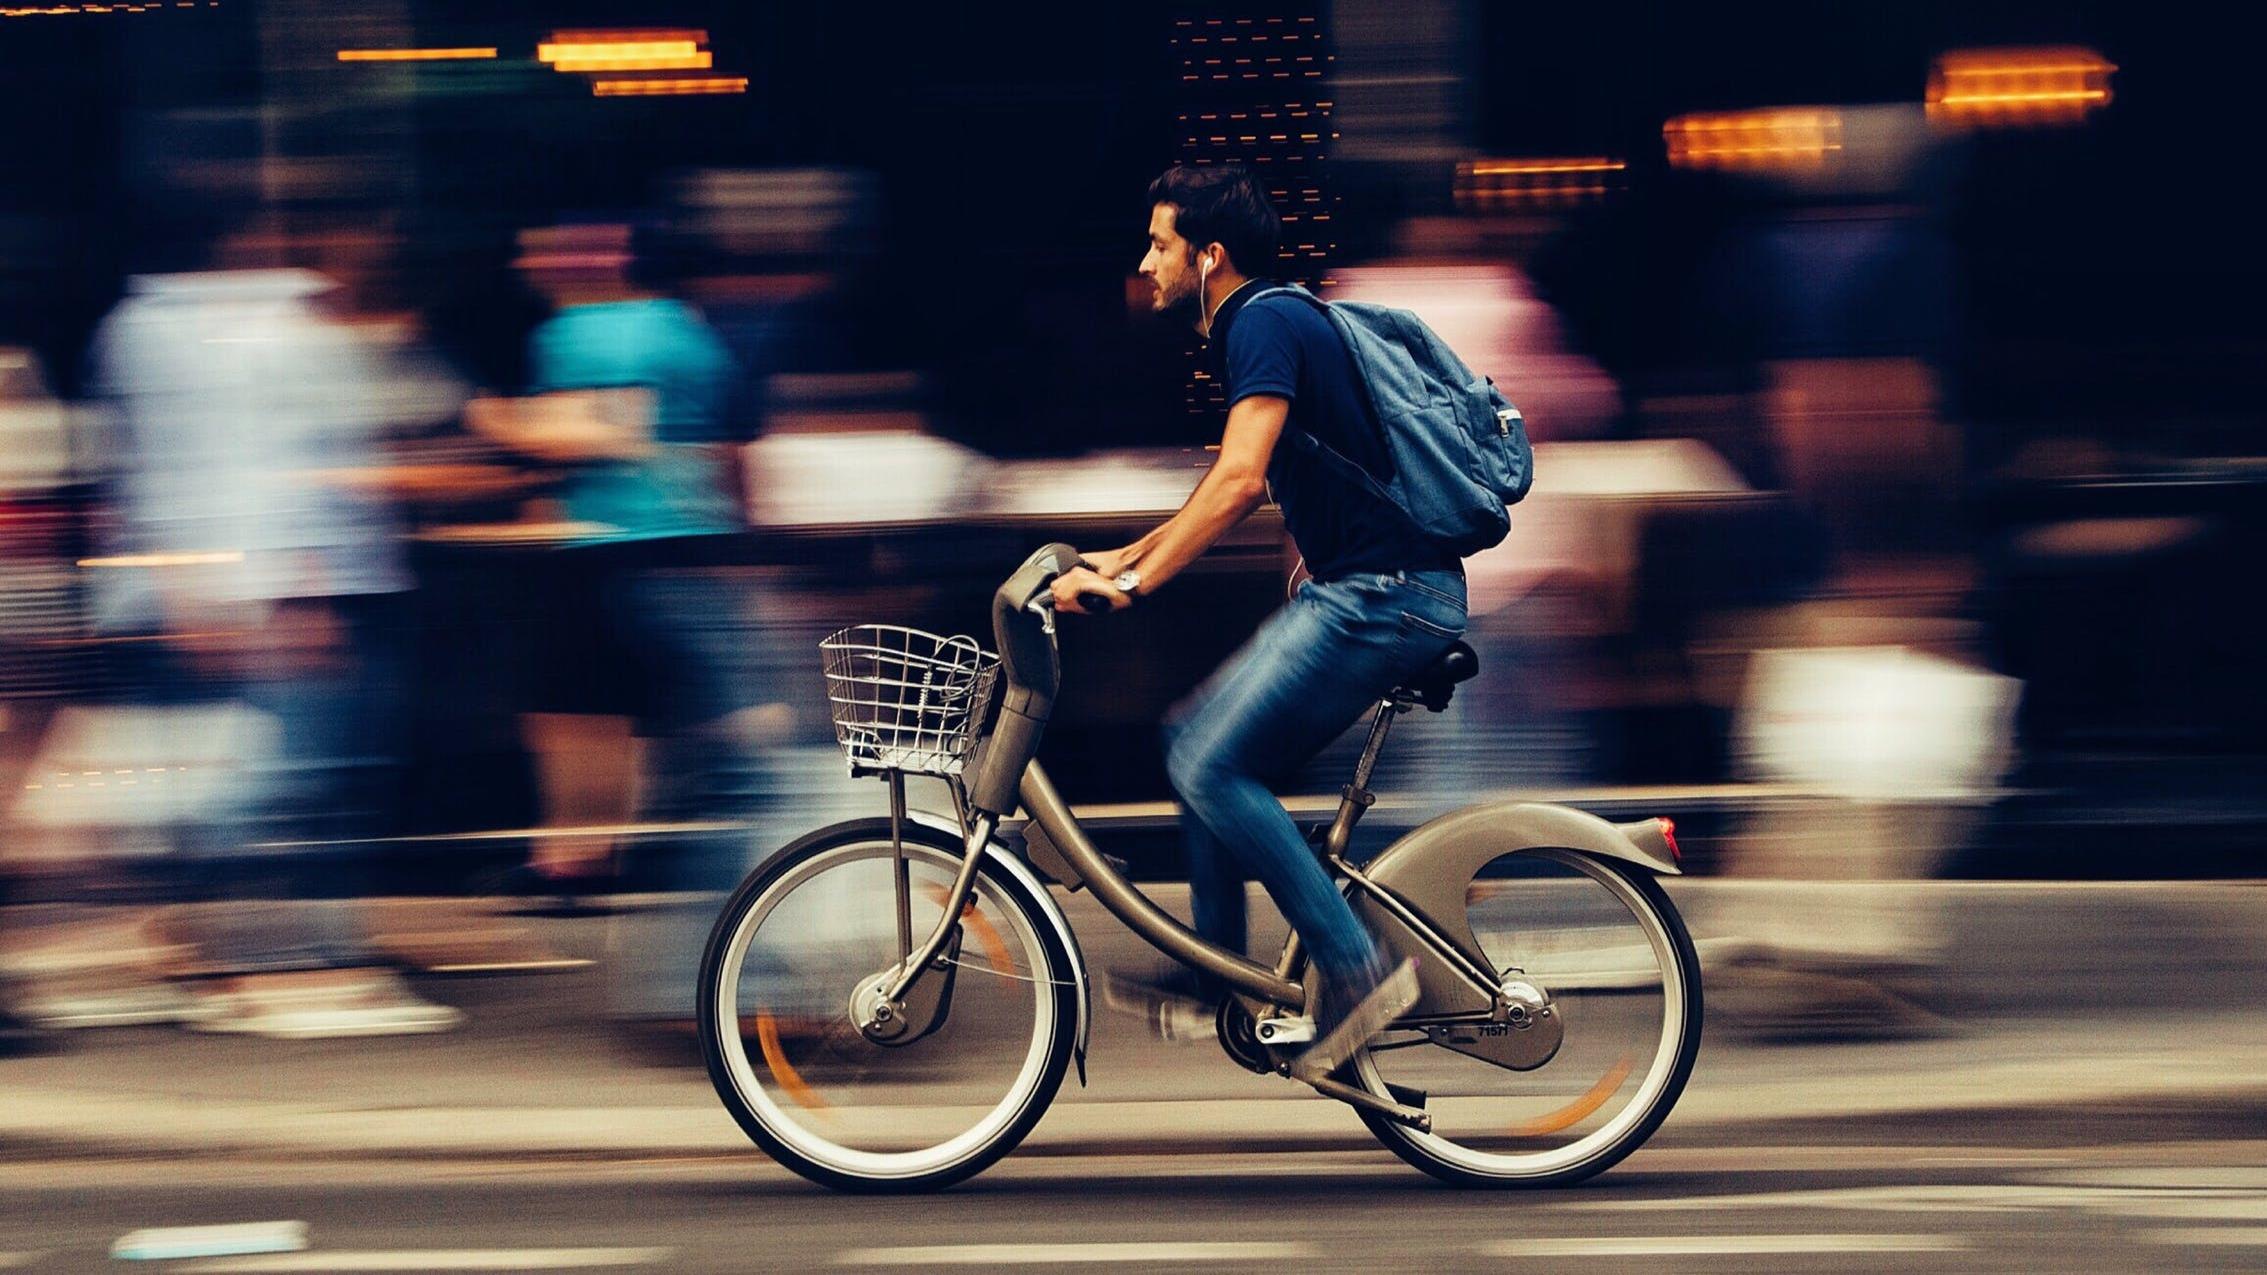 In der Stadt ist man mit dem Rad sowieso viel flexibler.